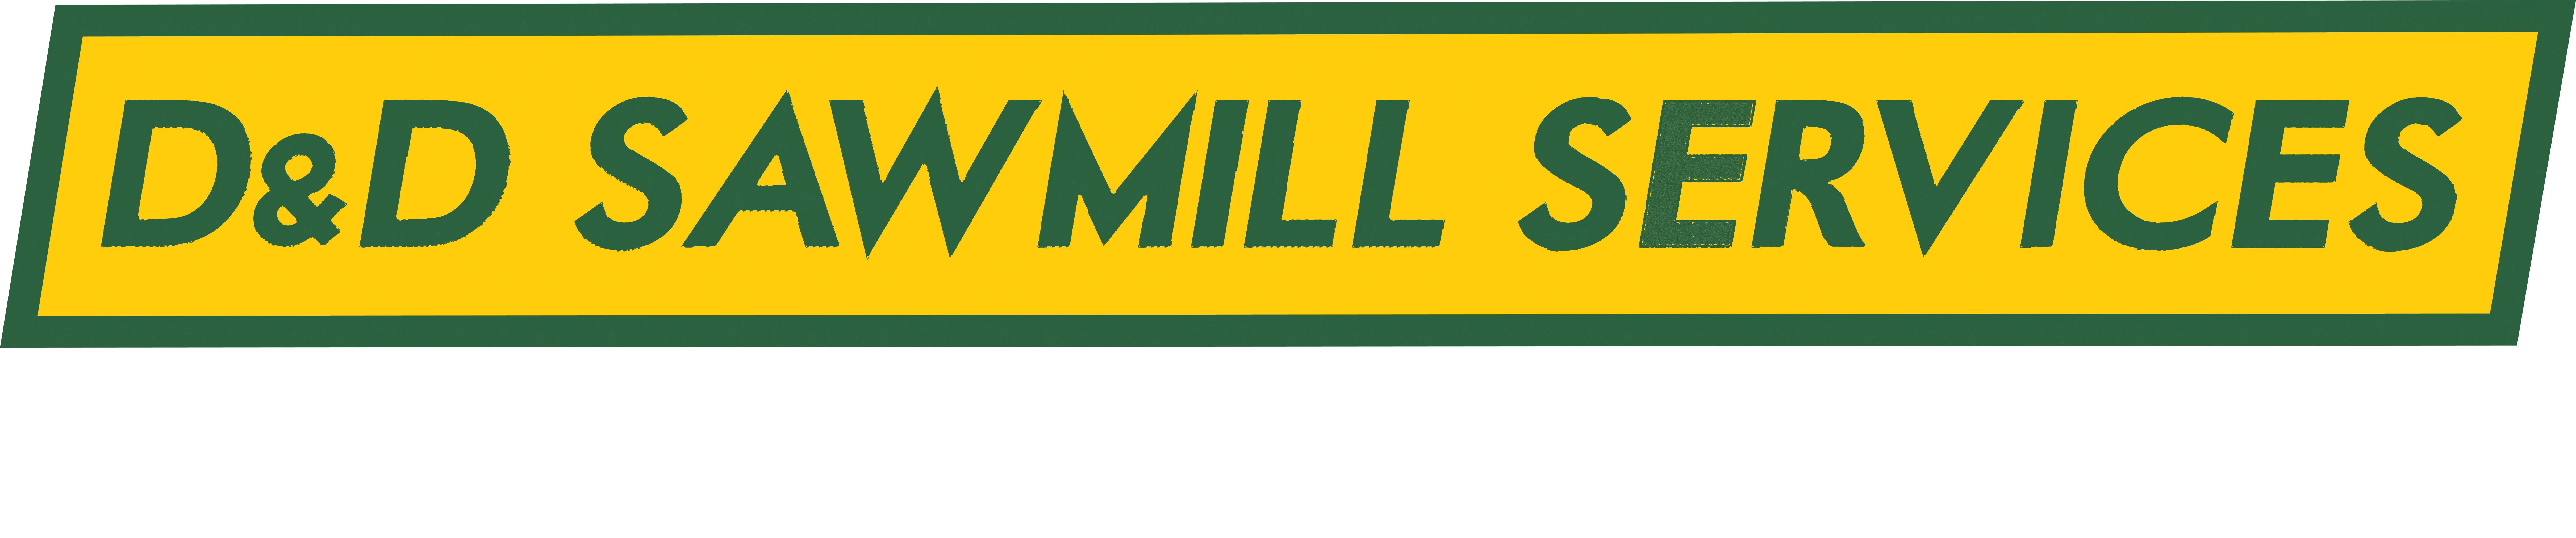 D&D Sawmill